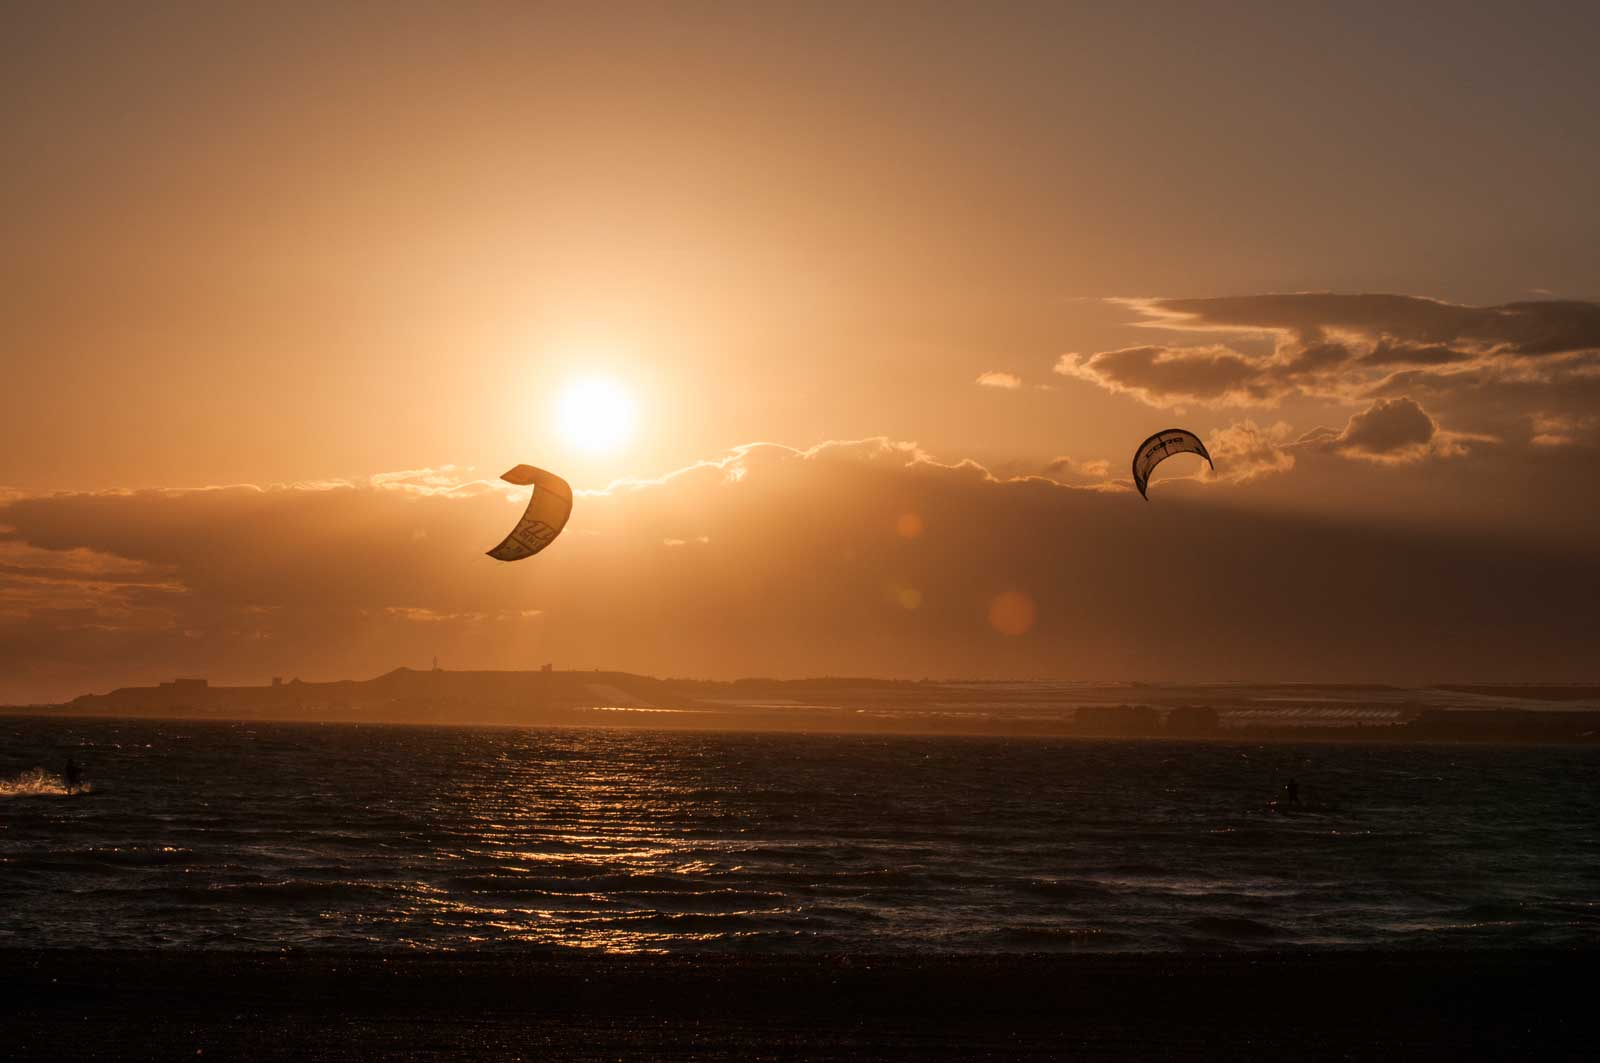 Kitere i solnedgang